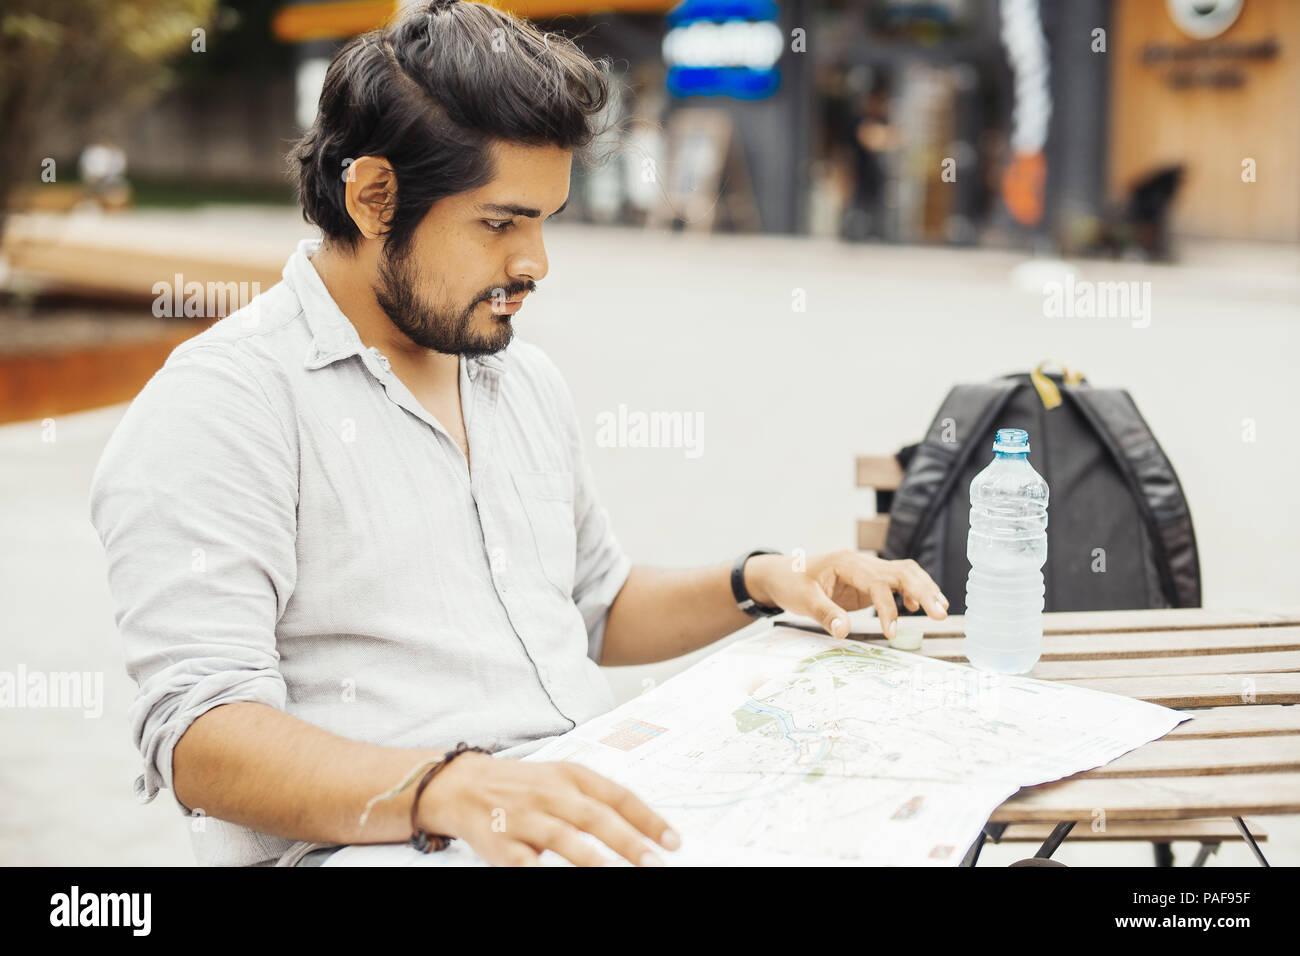 L'homme assis à café de la rue et à la recherche à la carte. À côté de l'homme est l'eau en bouteille. Photo Stock